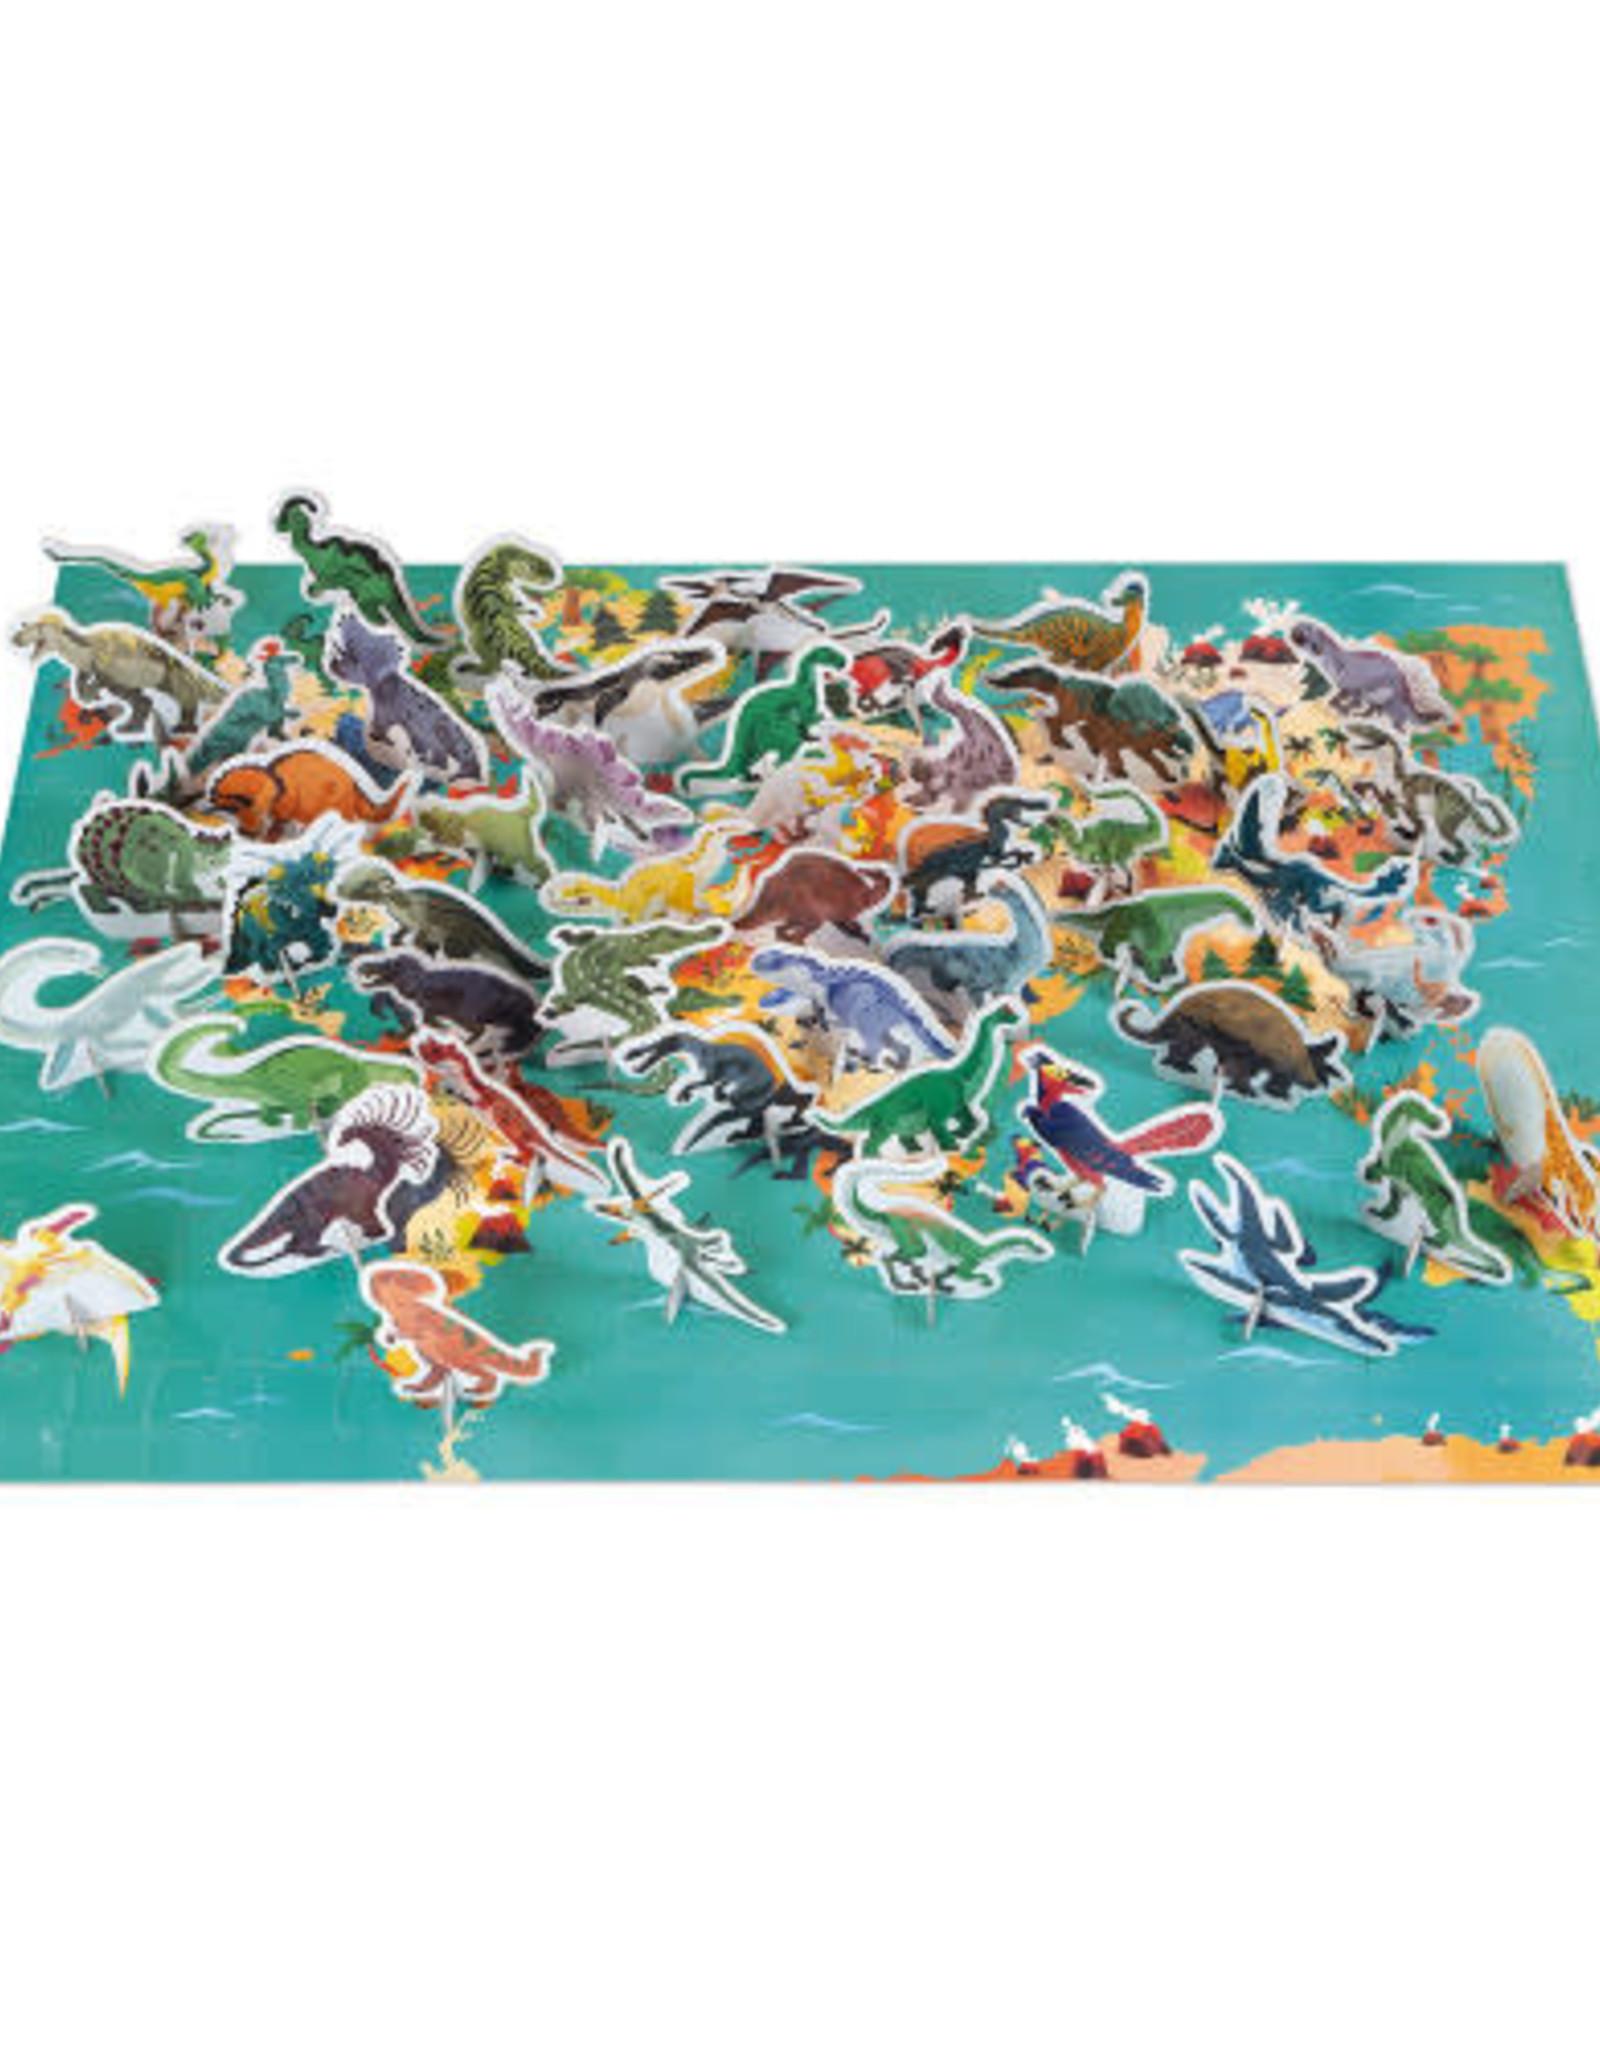 Janod 3D Puzzle: Dinosaurs